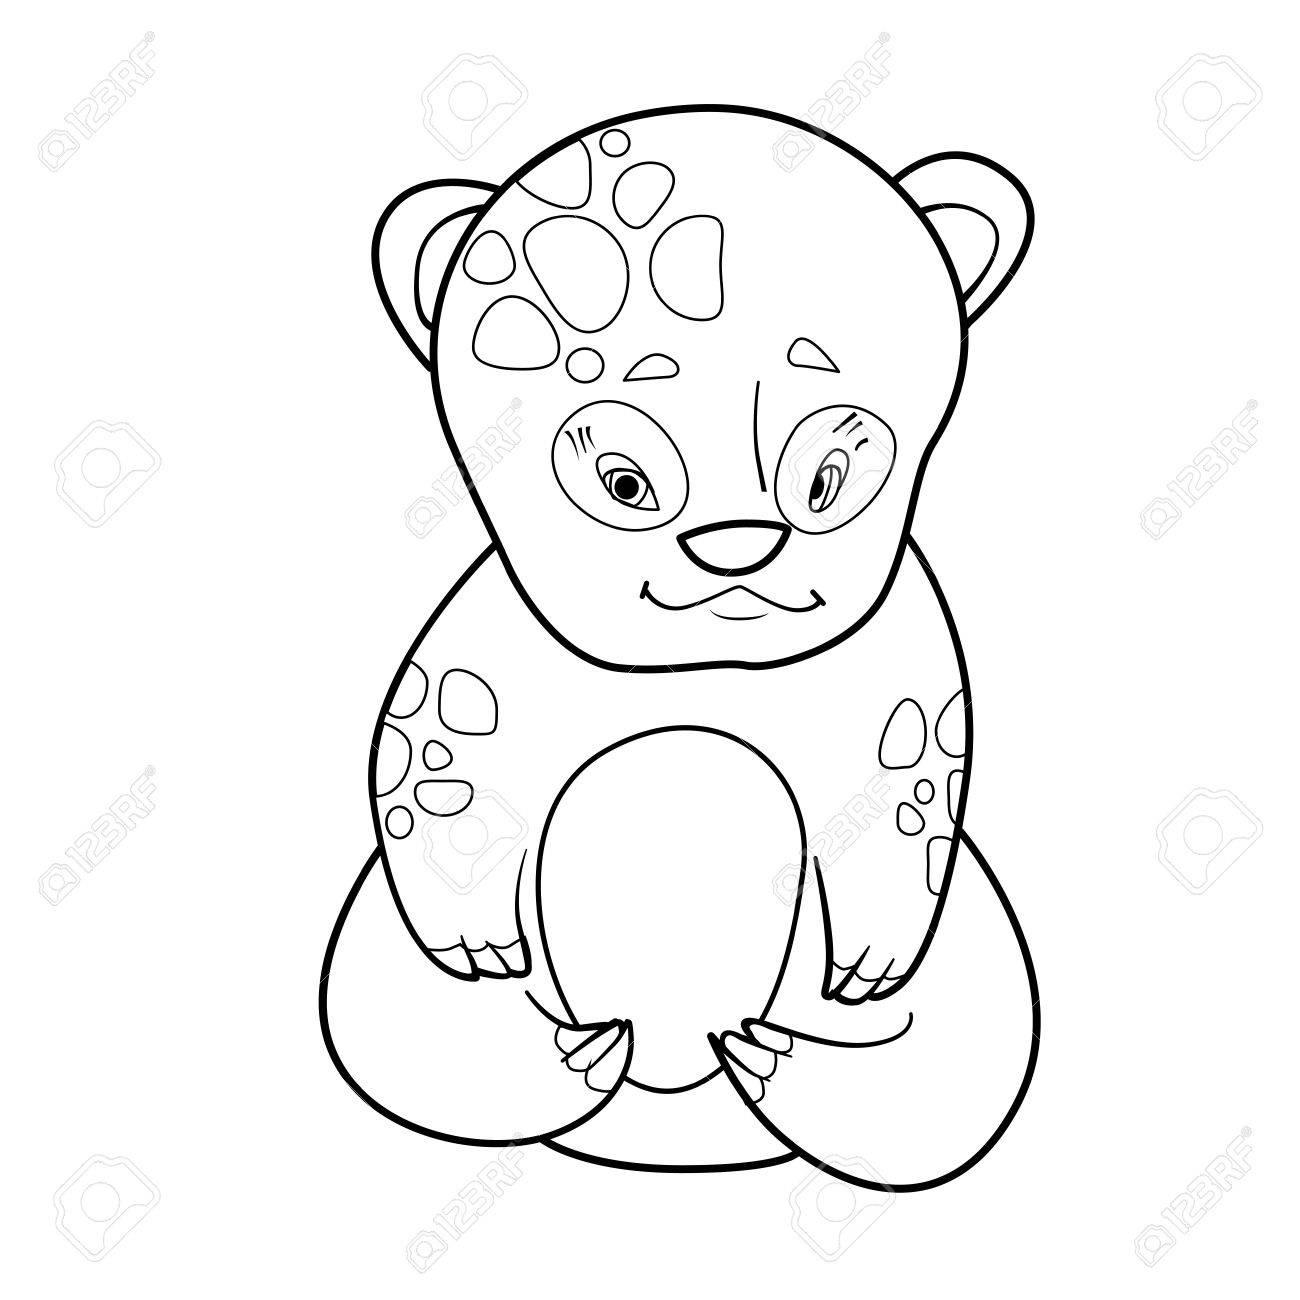 Libro De Colorear Con Dibujos Animados De Lindo Bebé Oso ...